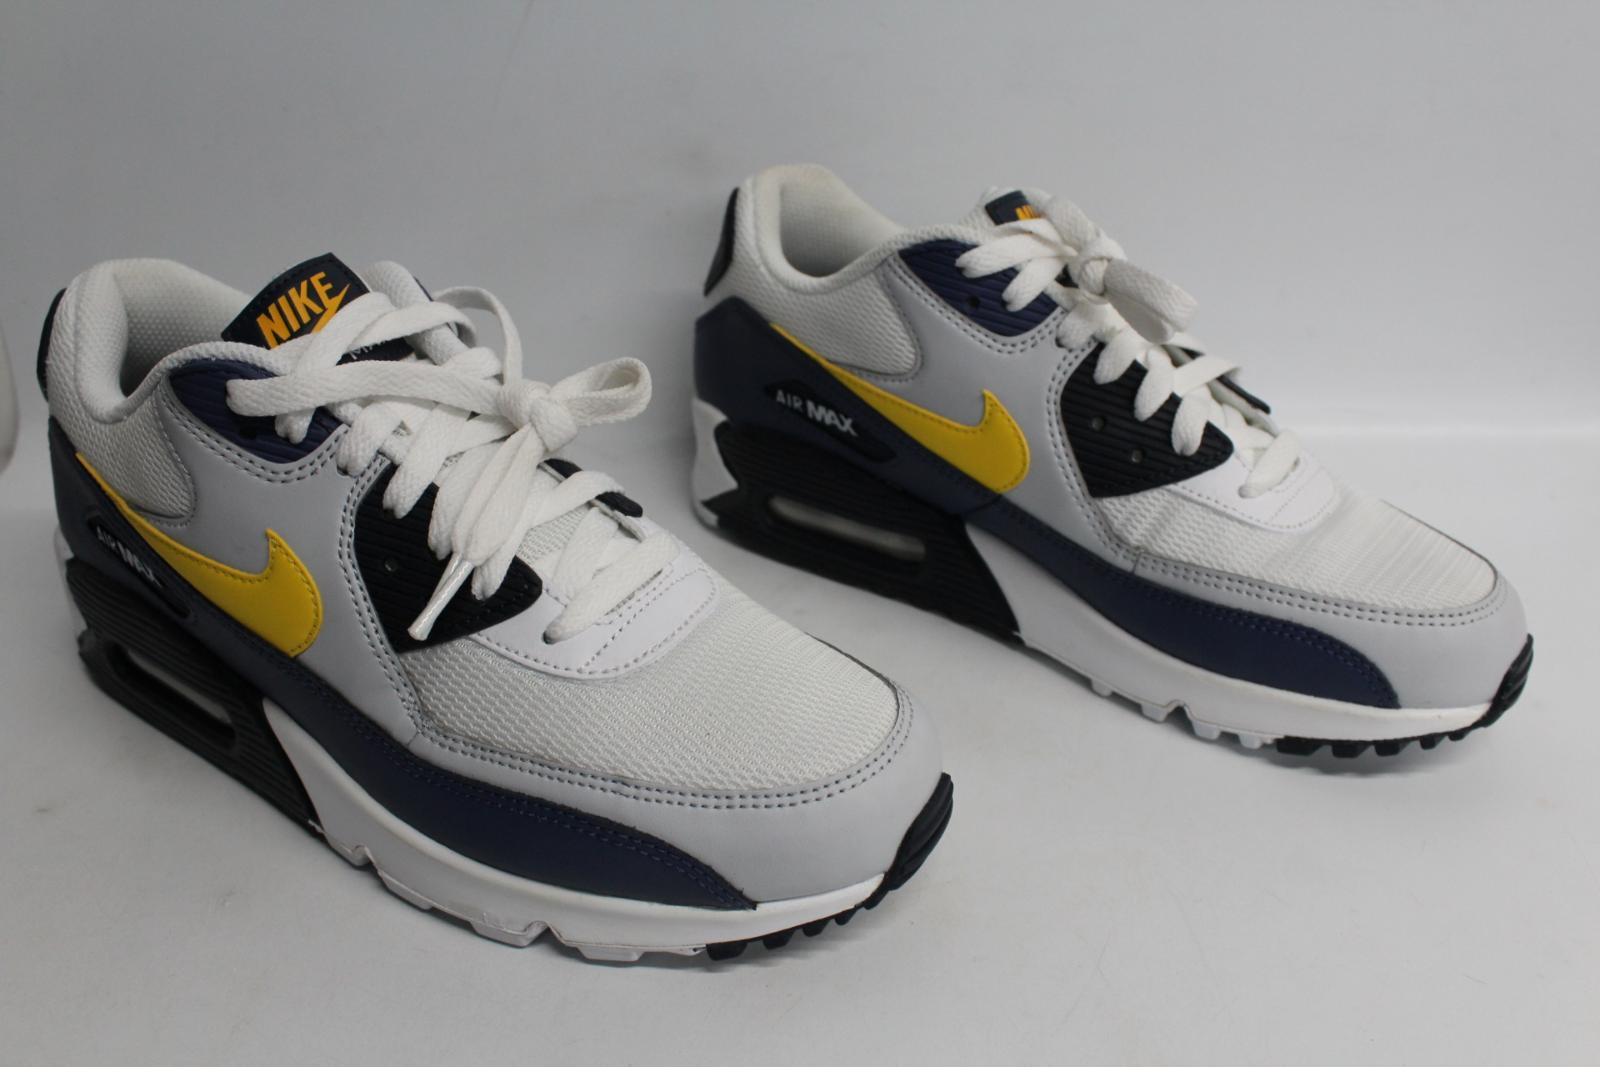 Nike-Men-039-S-Navy-Blu-Giallo-amp-Bianco-AIR-MAX-90-Essential-Scarpe-da-ginnastica-EU41-UK7-NUOVO miniatura 4